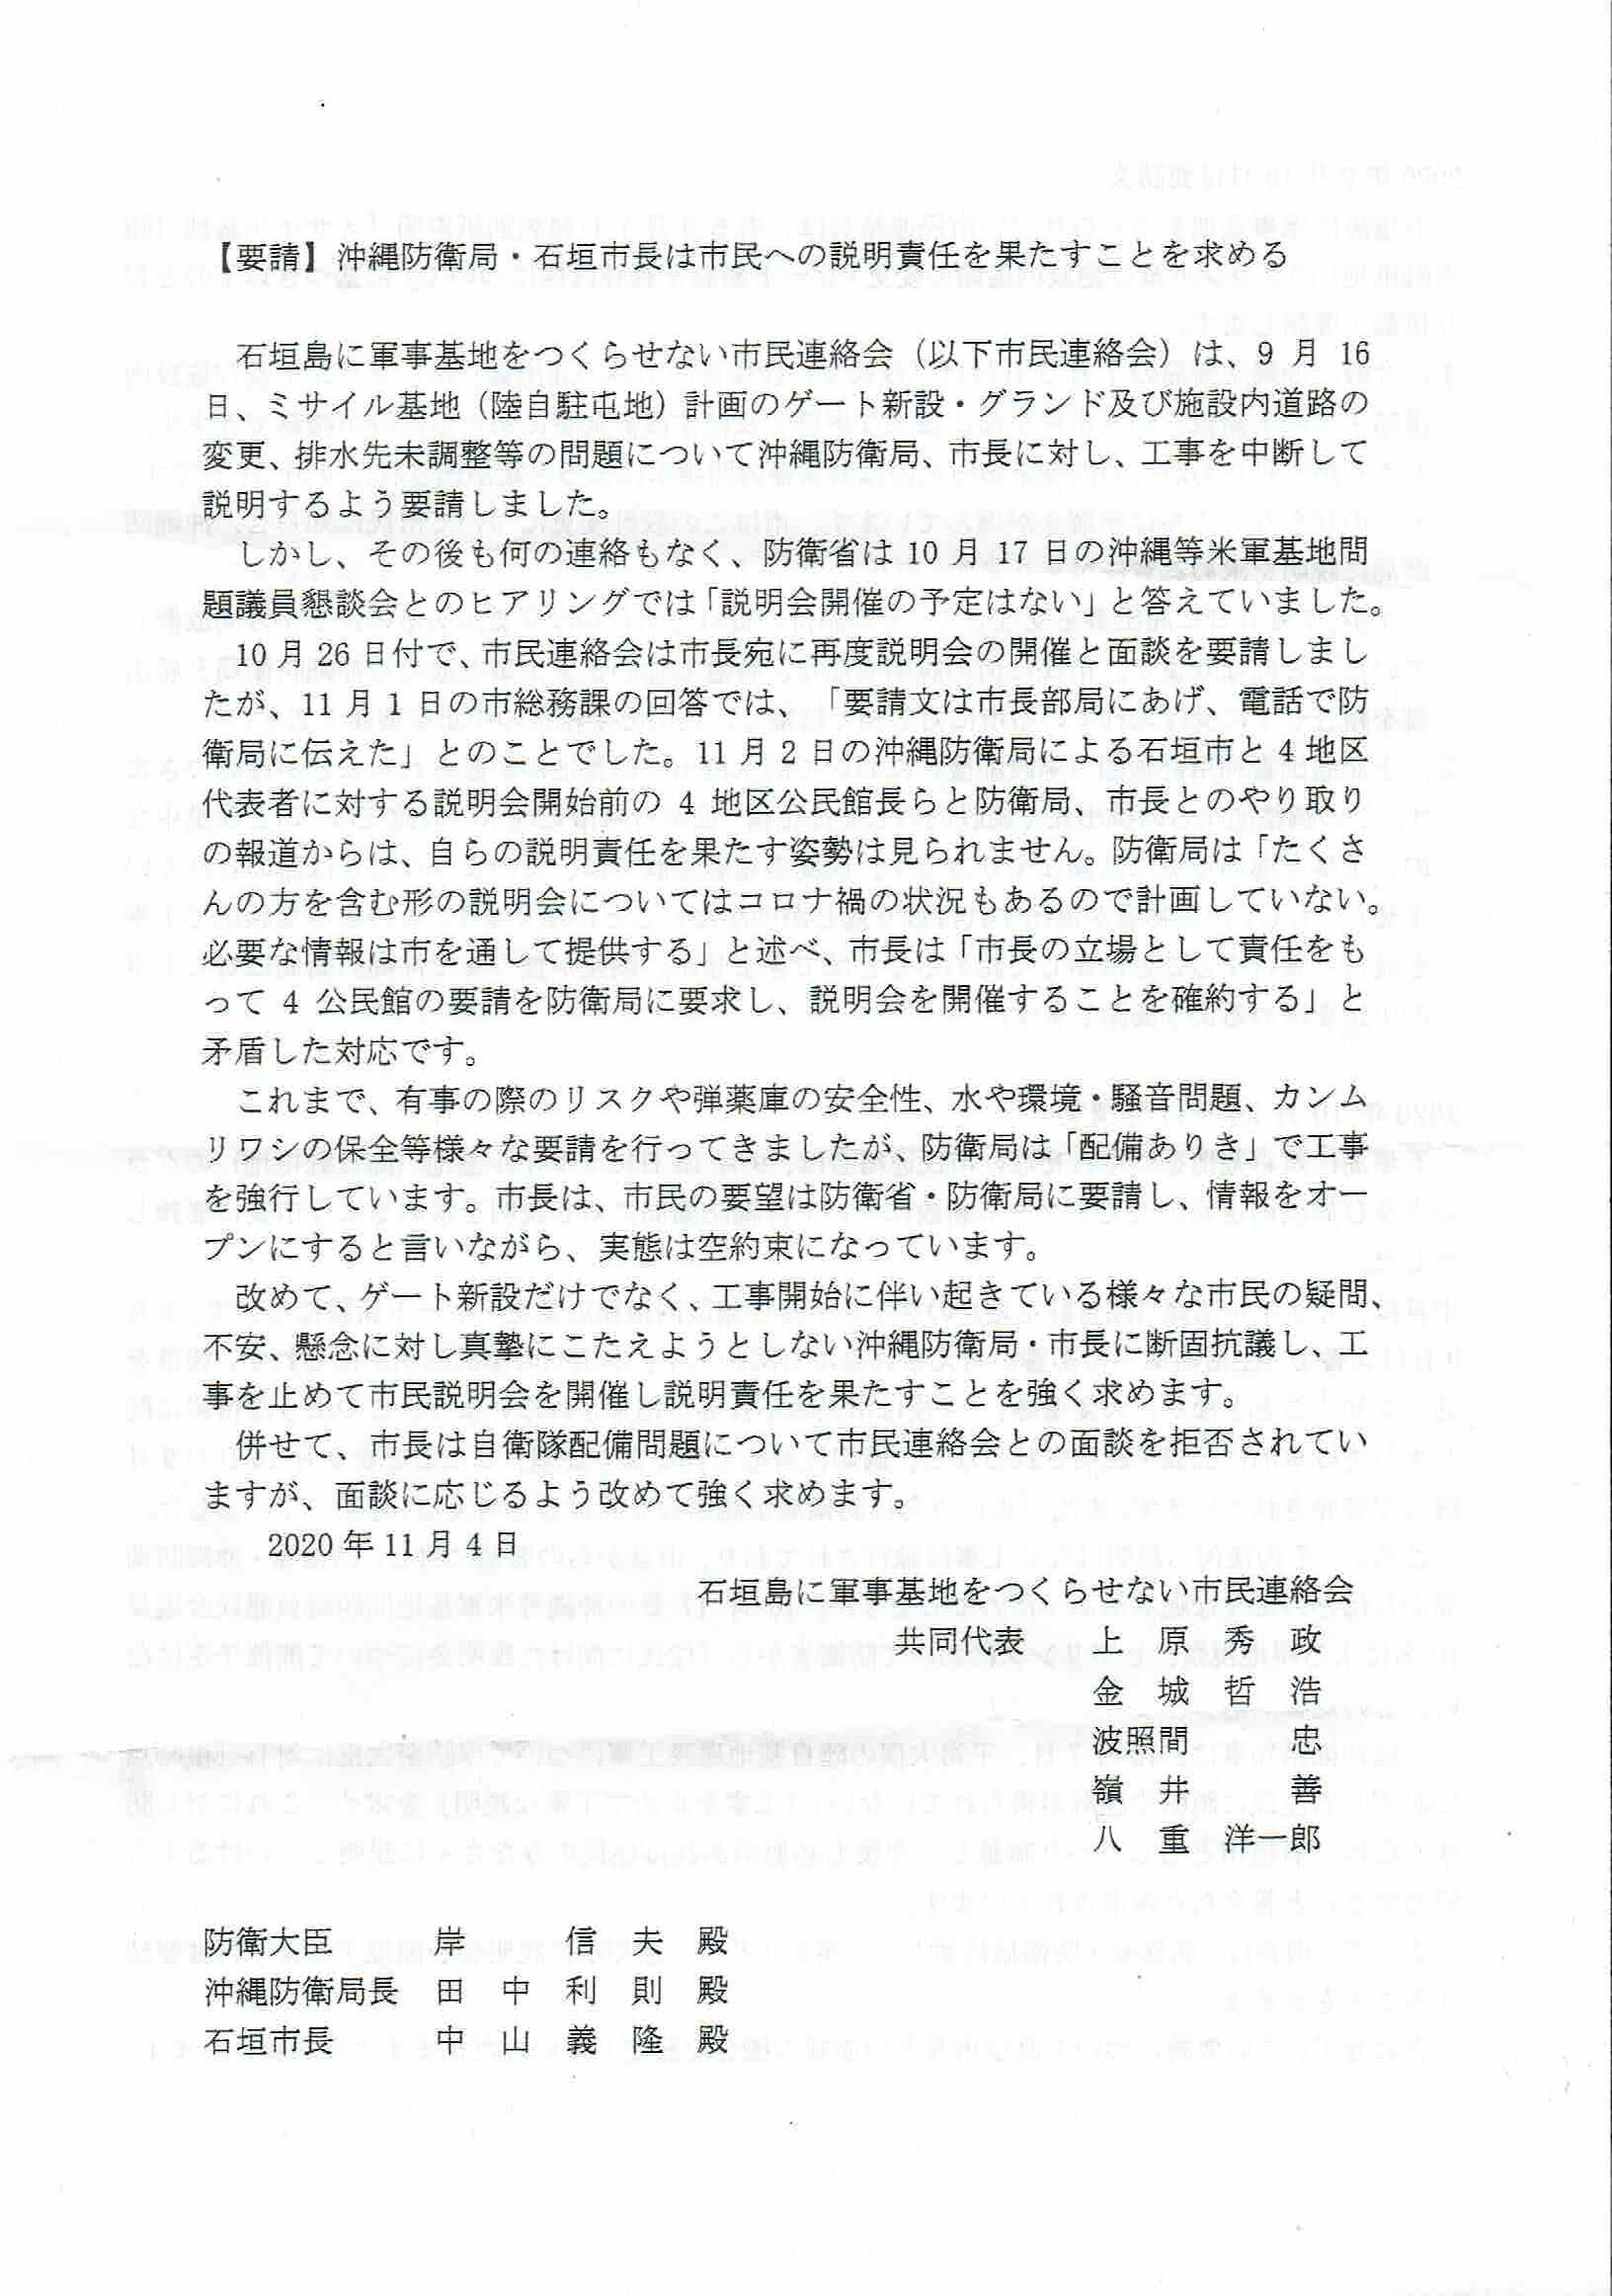 2020 1104 市民連絡会要請文01